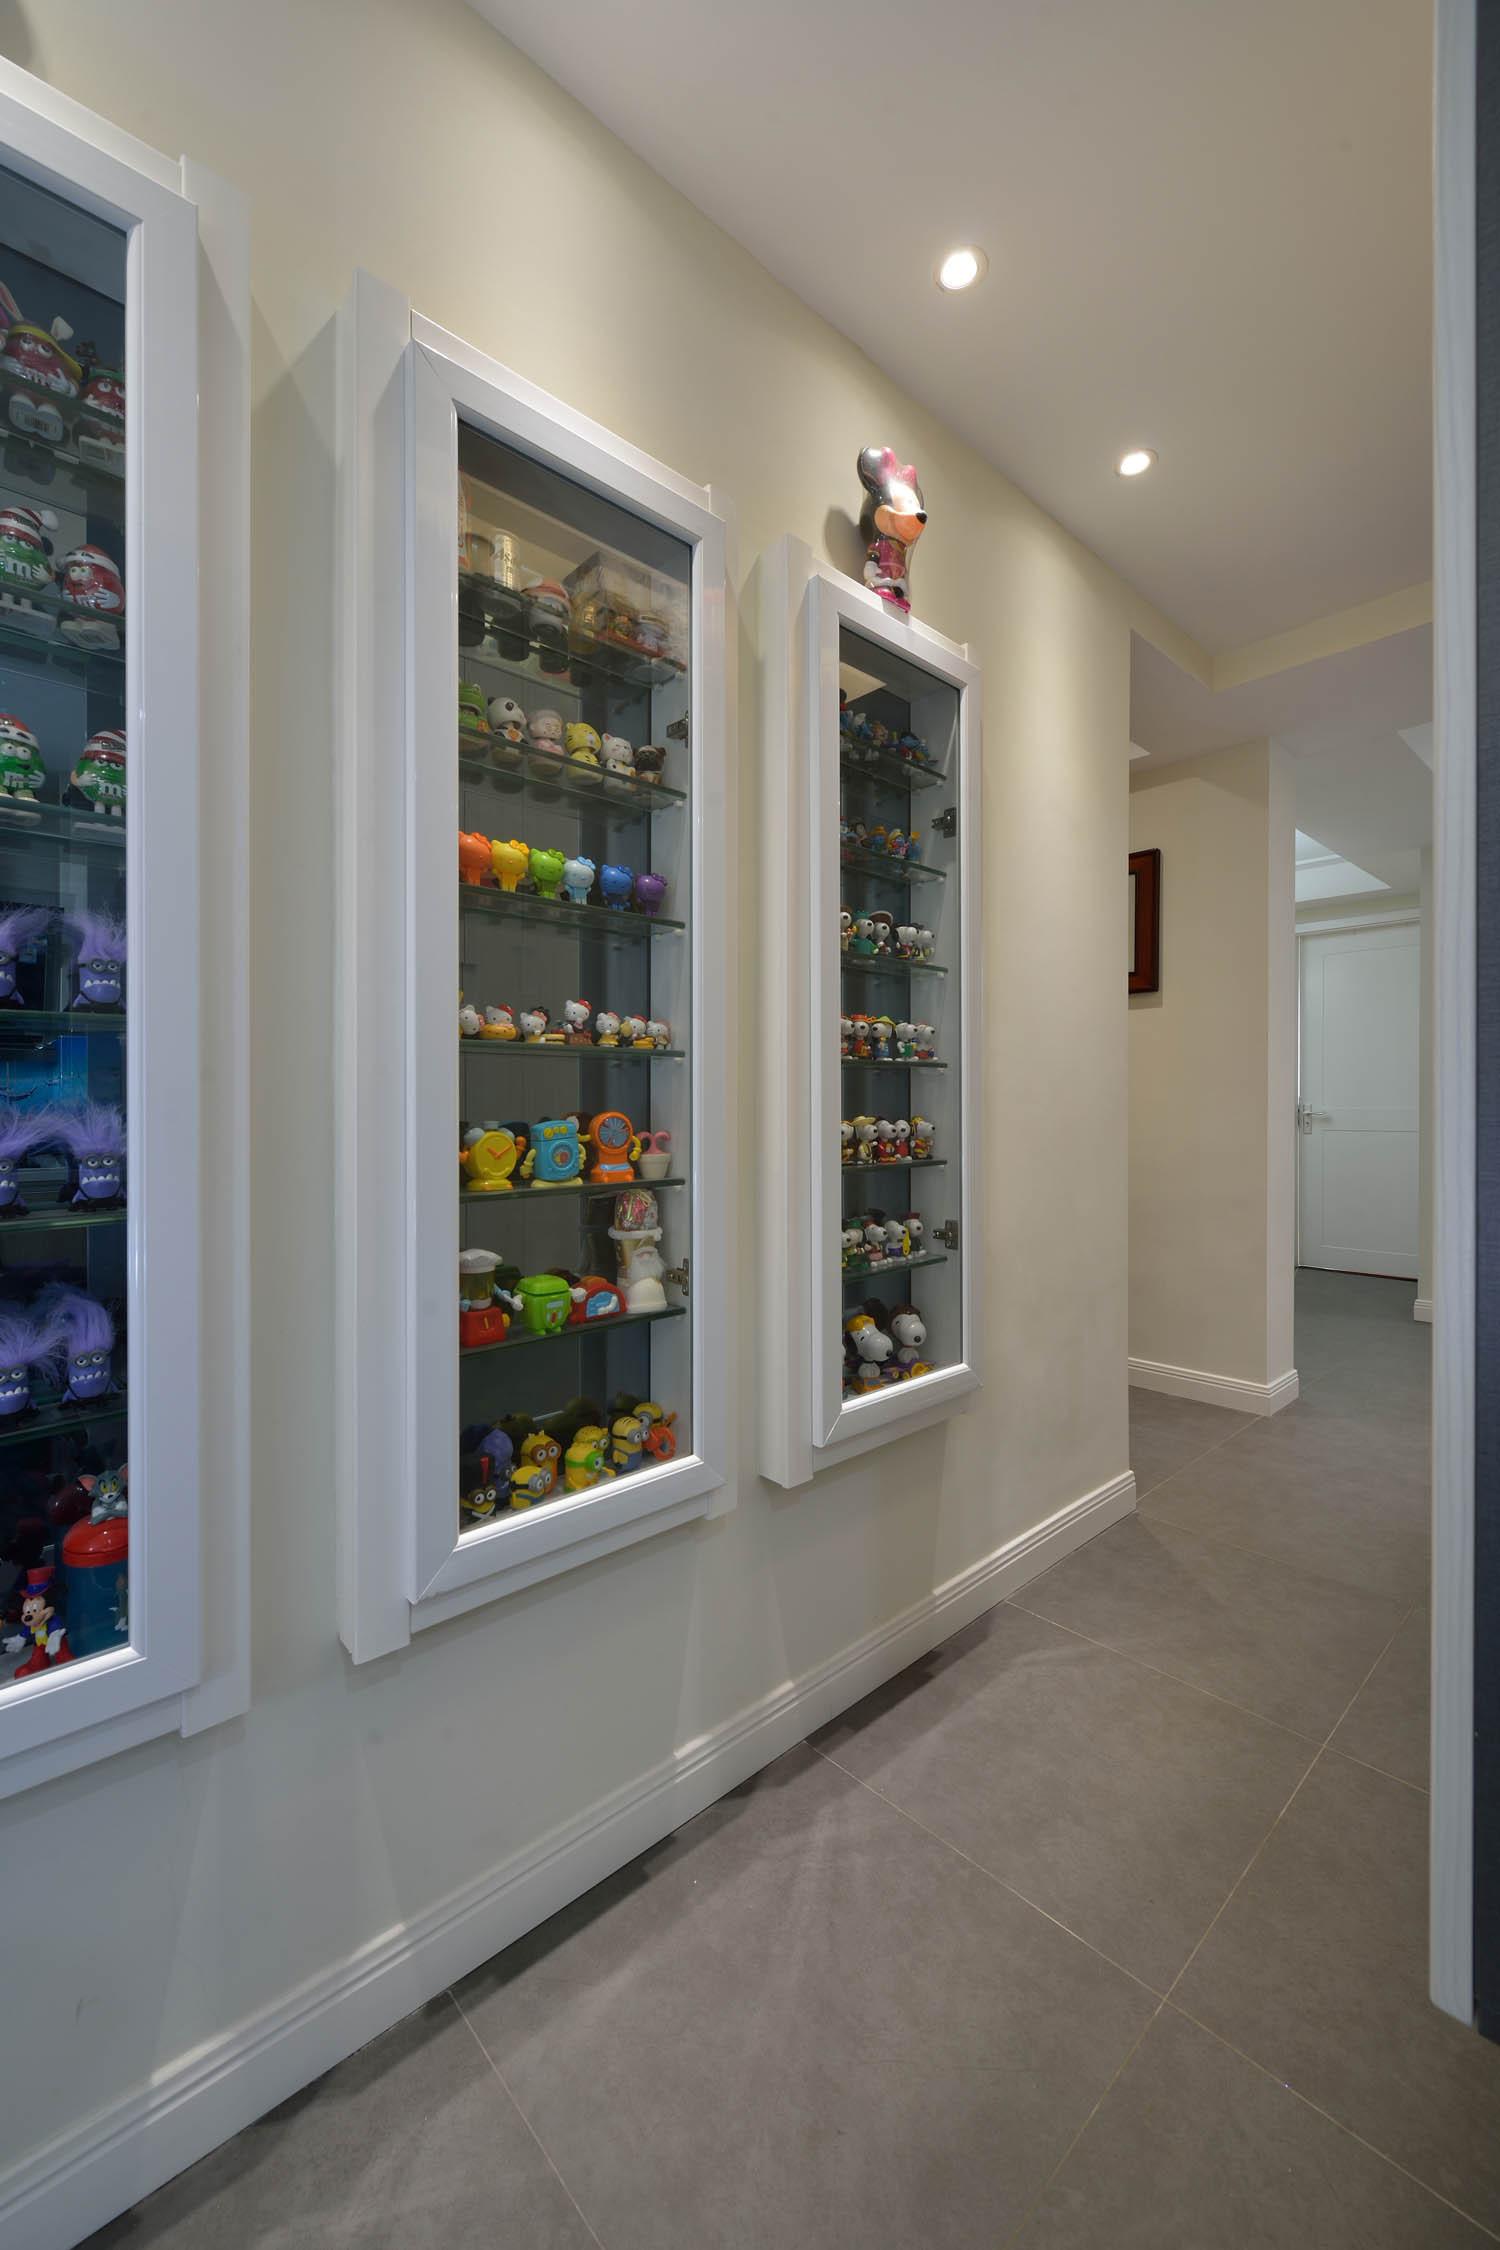 三居室简约风格装修展示柜图片